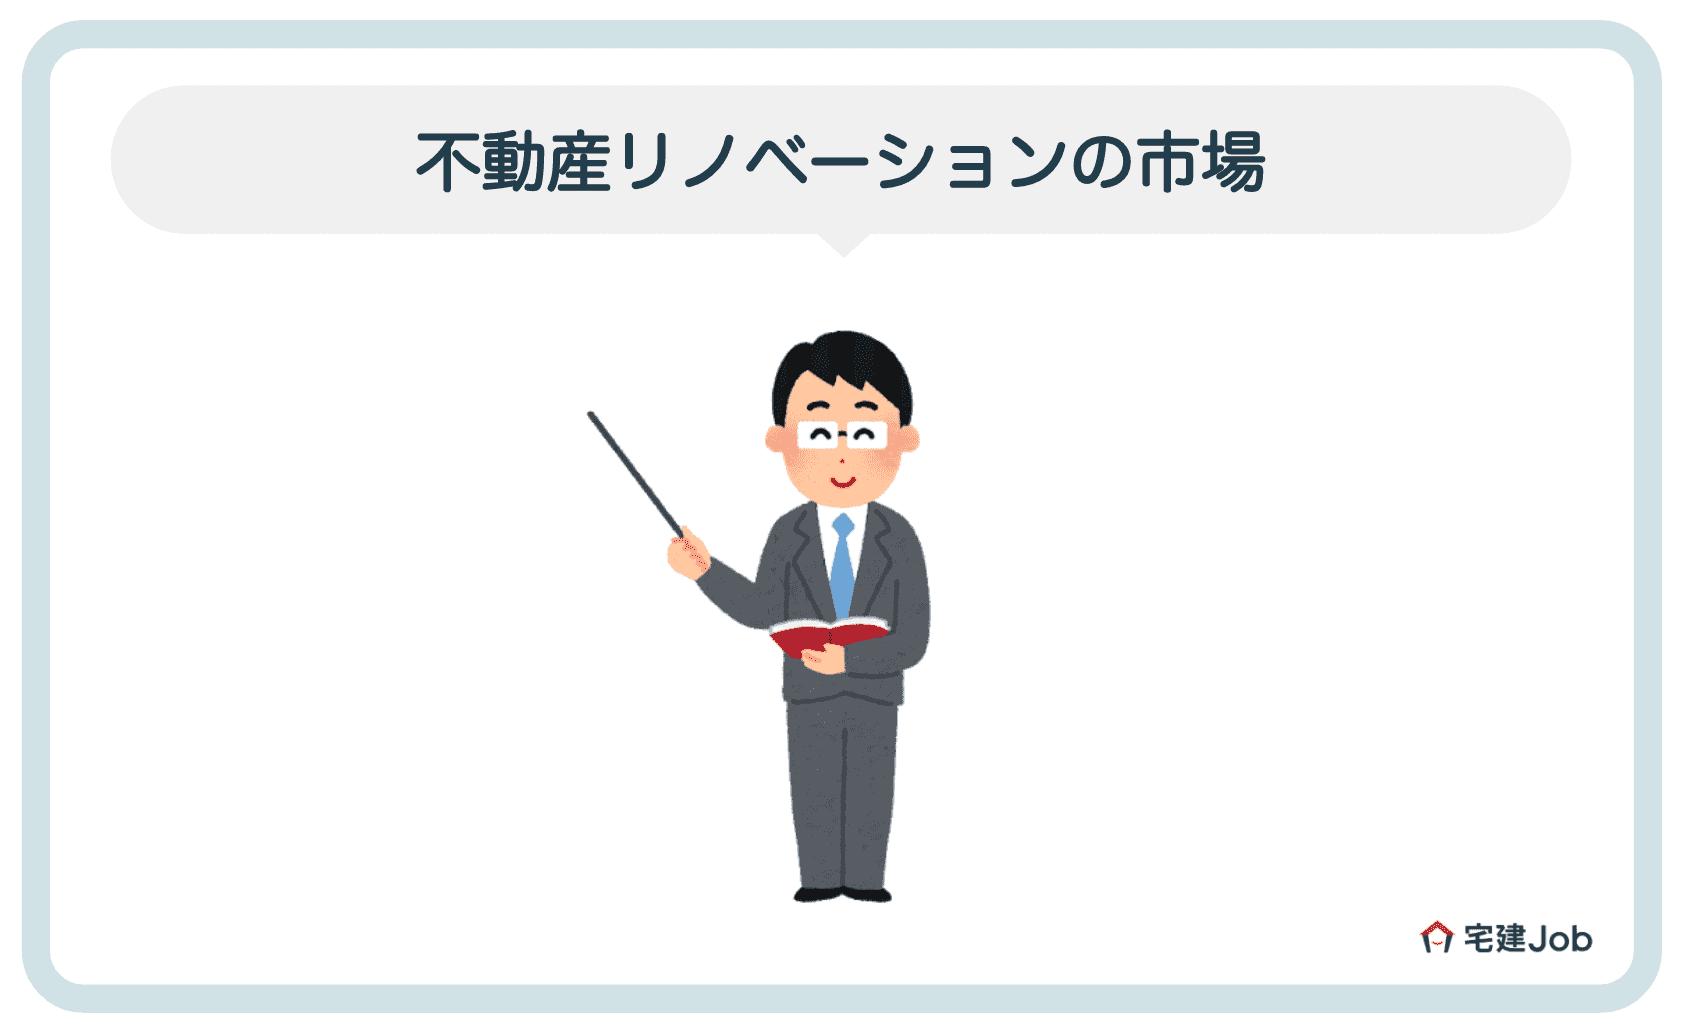 1.不動産リノベーションの市場【コロナの影響は?】